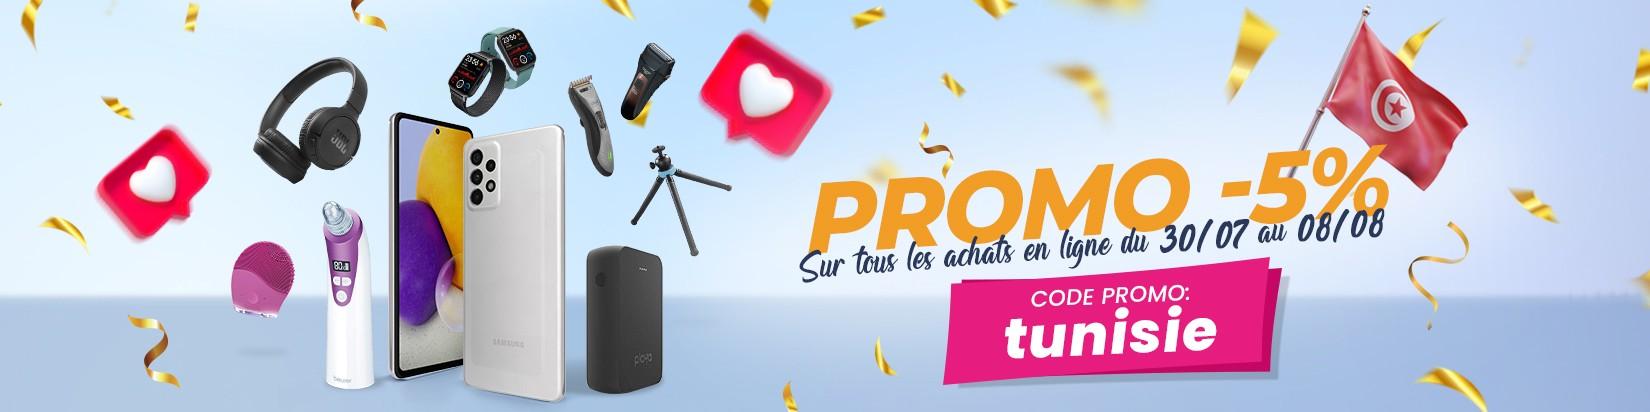 Code Promo : tunisie